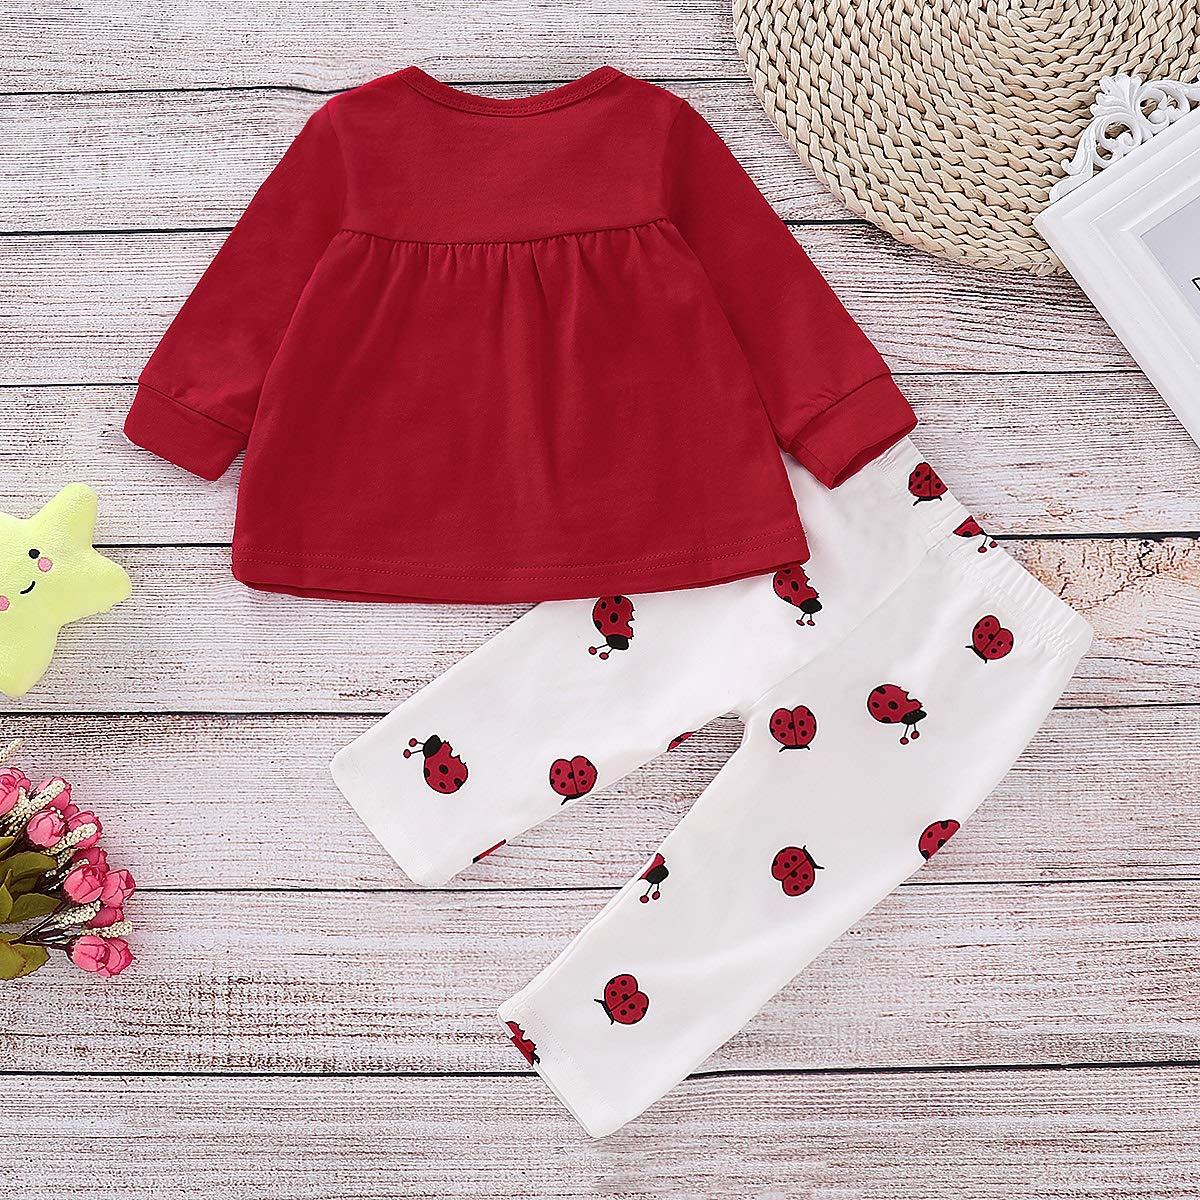 Puseky 2 Unids//Set Baby Girl Kids Toddler Ladybird Estampado de Manga Larga Bowknot Tops Pantalones Trajes Set